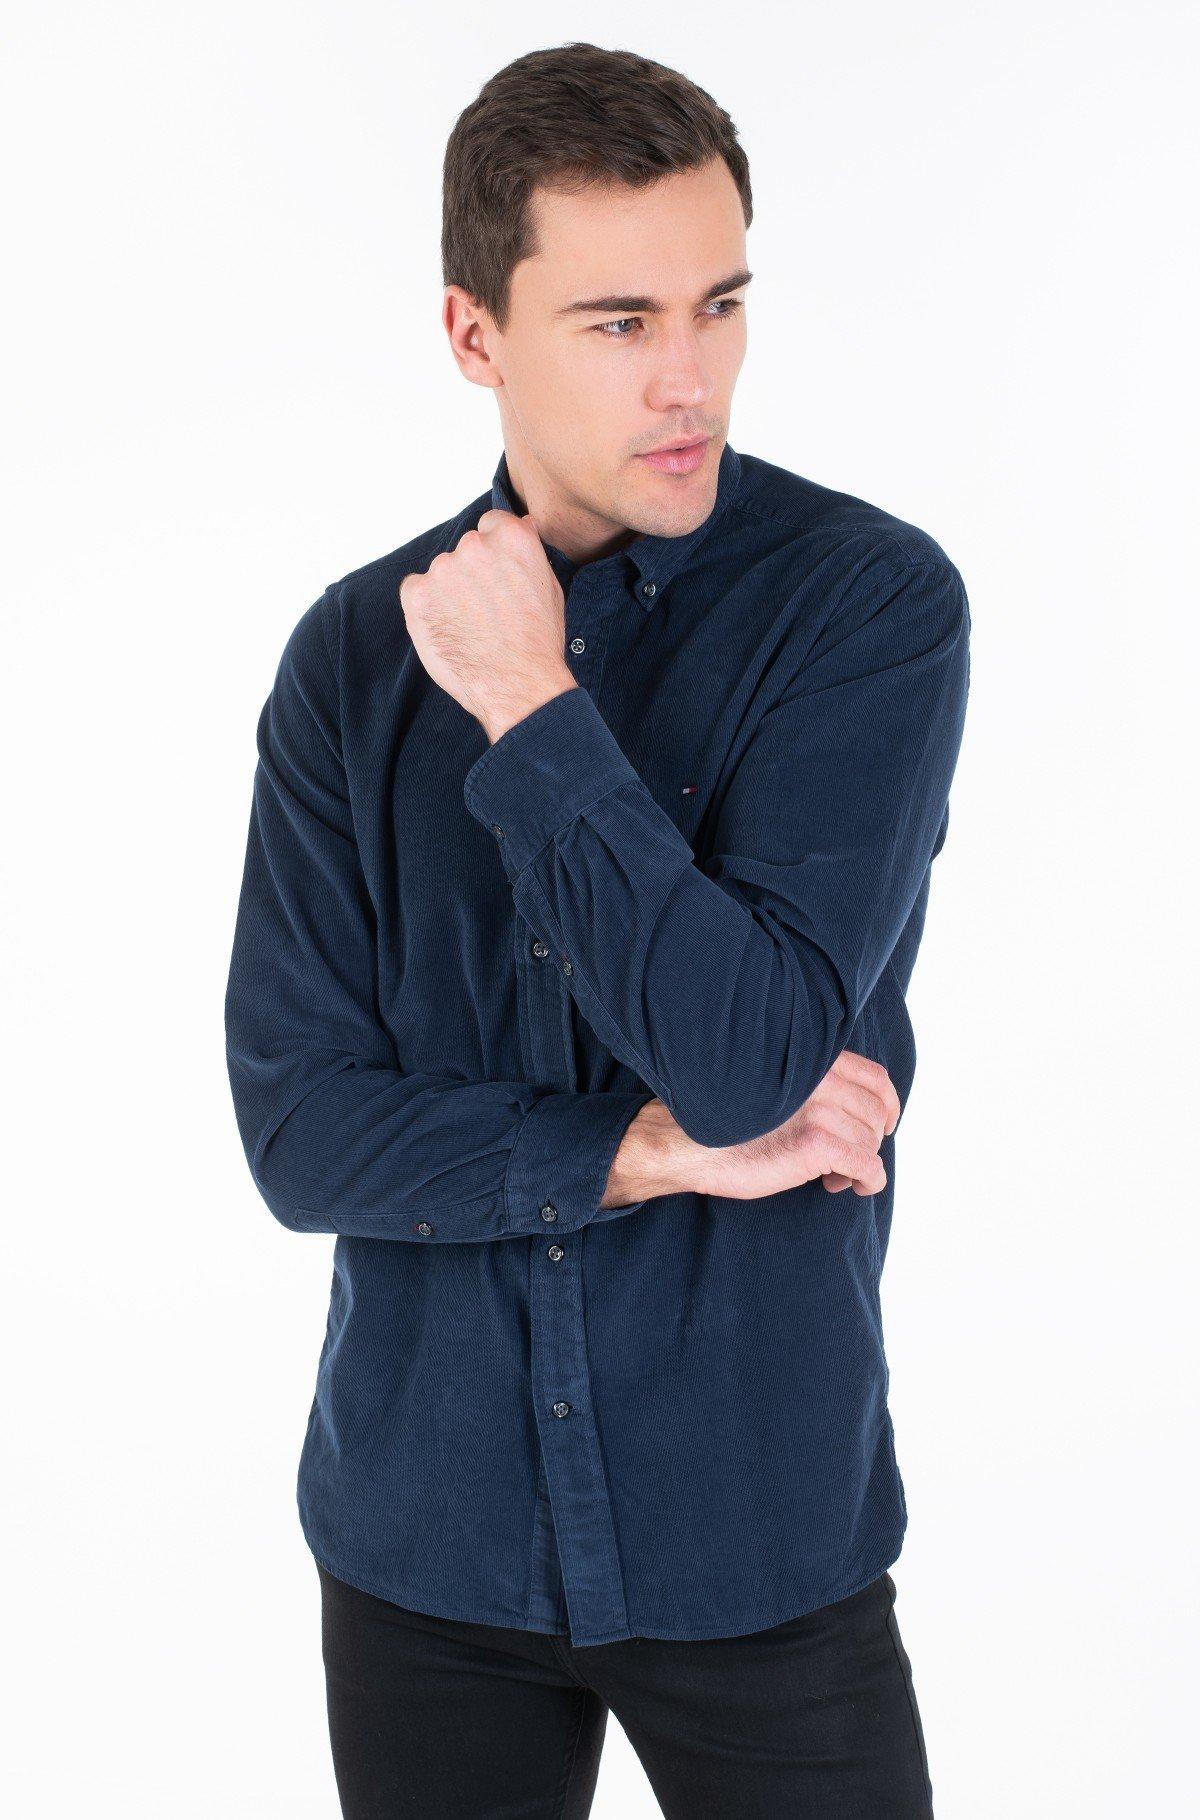 Velvetiniai marškiniai GARMENT DYED CORDUROY SHIRT-full-1